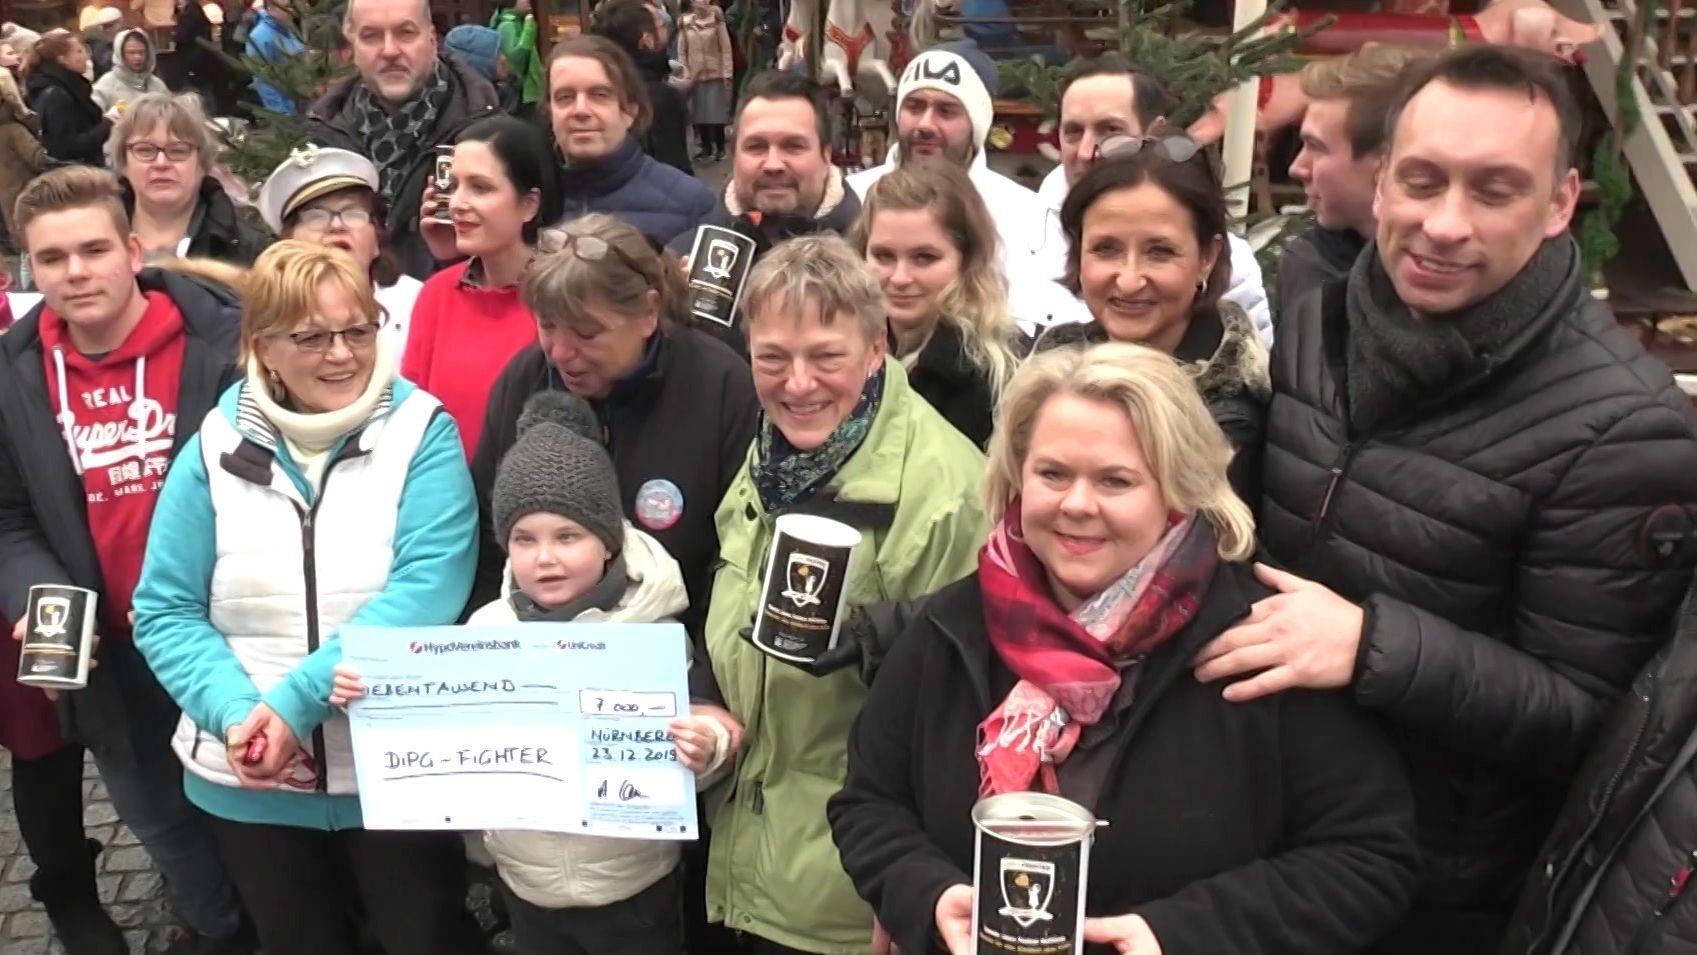 Auf der Nürnberger Kinderweihnacht sind heuer 7.000 Euro für das Projekt DIPG-Fighter gesammelt worden.